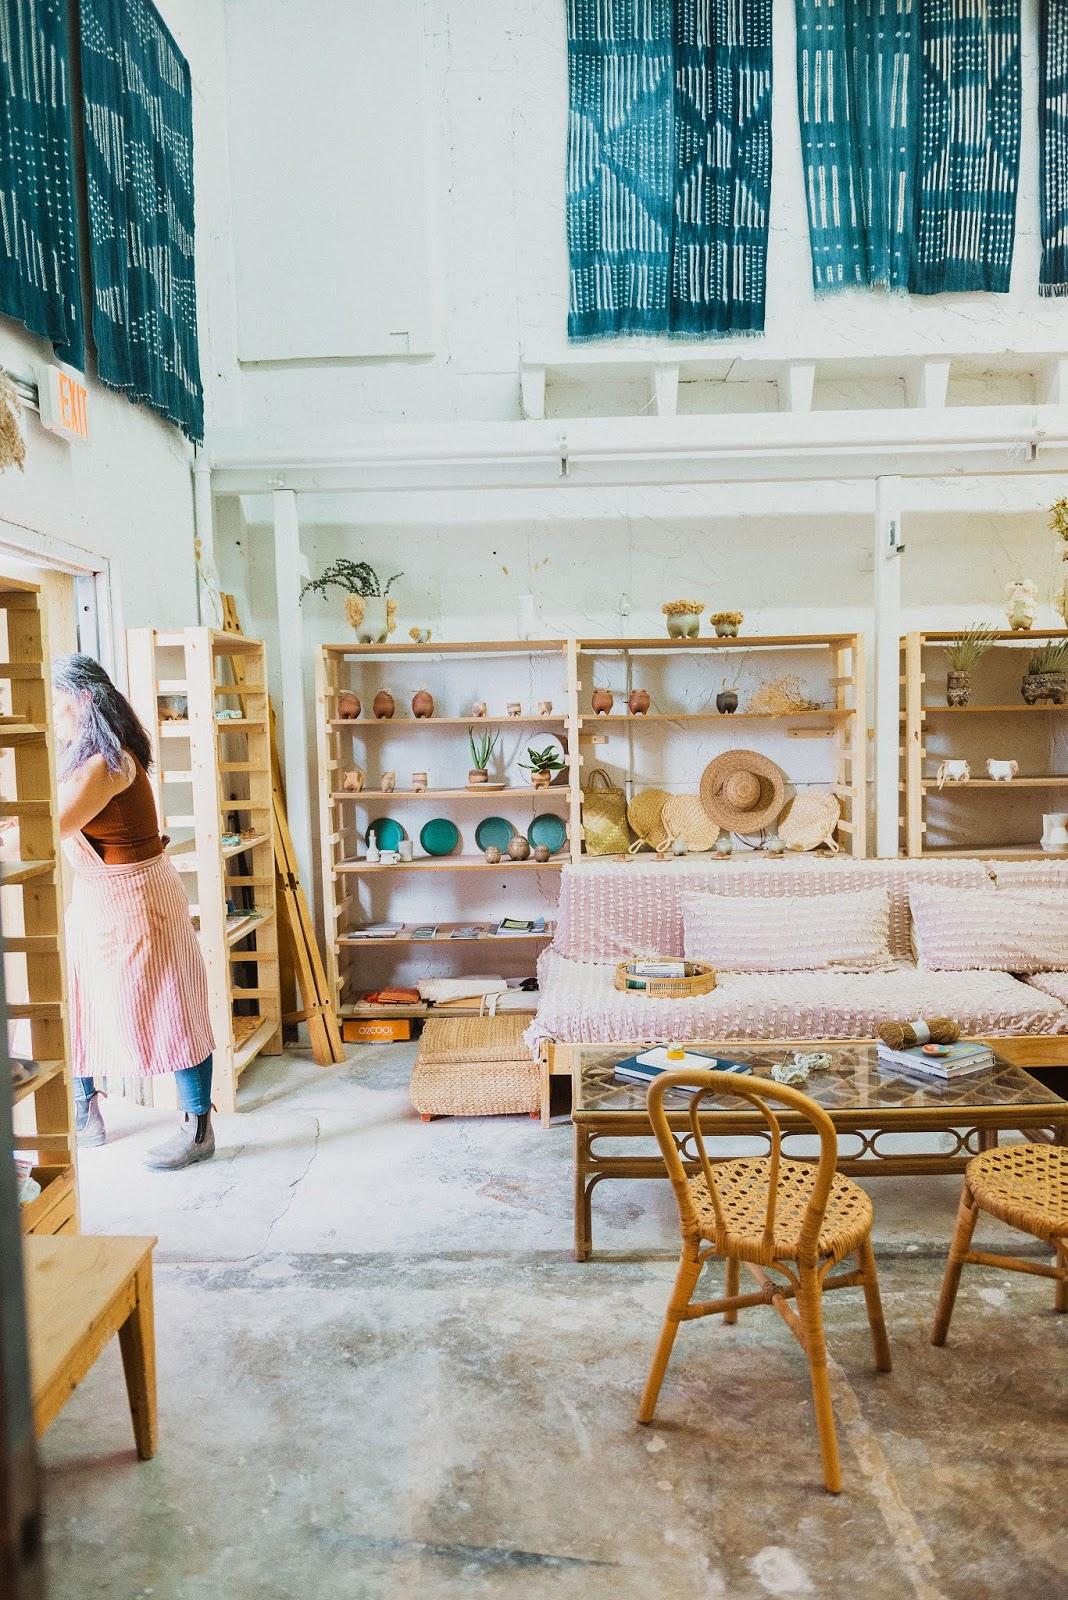 Miami Local, Kira.made, miami ceramic shop, ceramic shop miami, arte boheme, miami ceramic, miami pottery, miami pottery classes, miami ceramic classes, ceramic class miami, pottery class miami